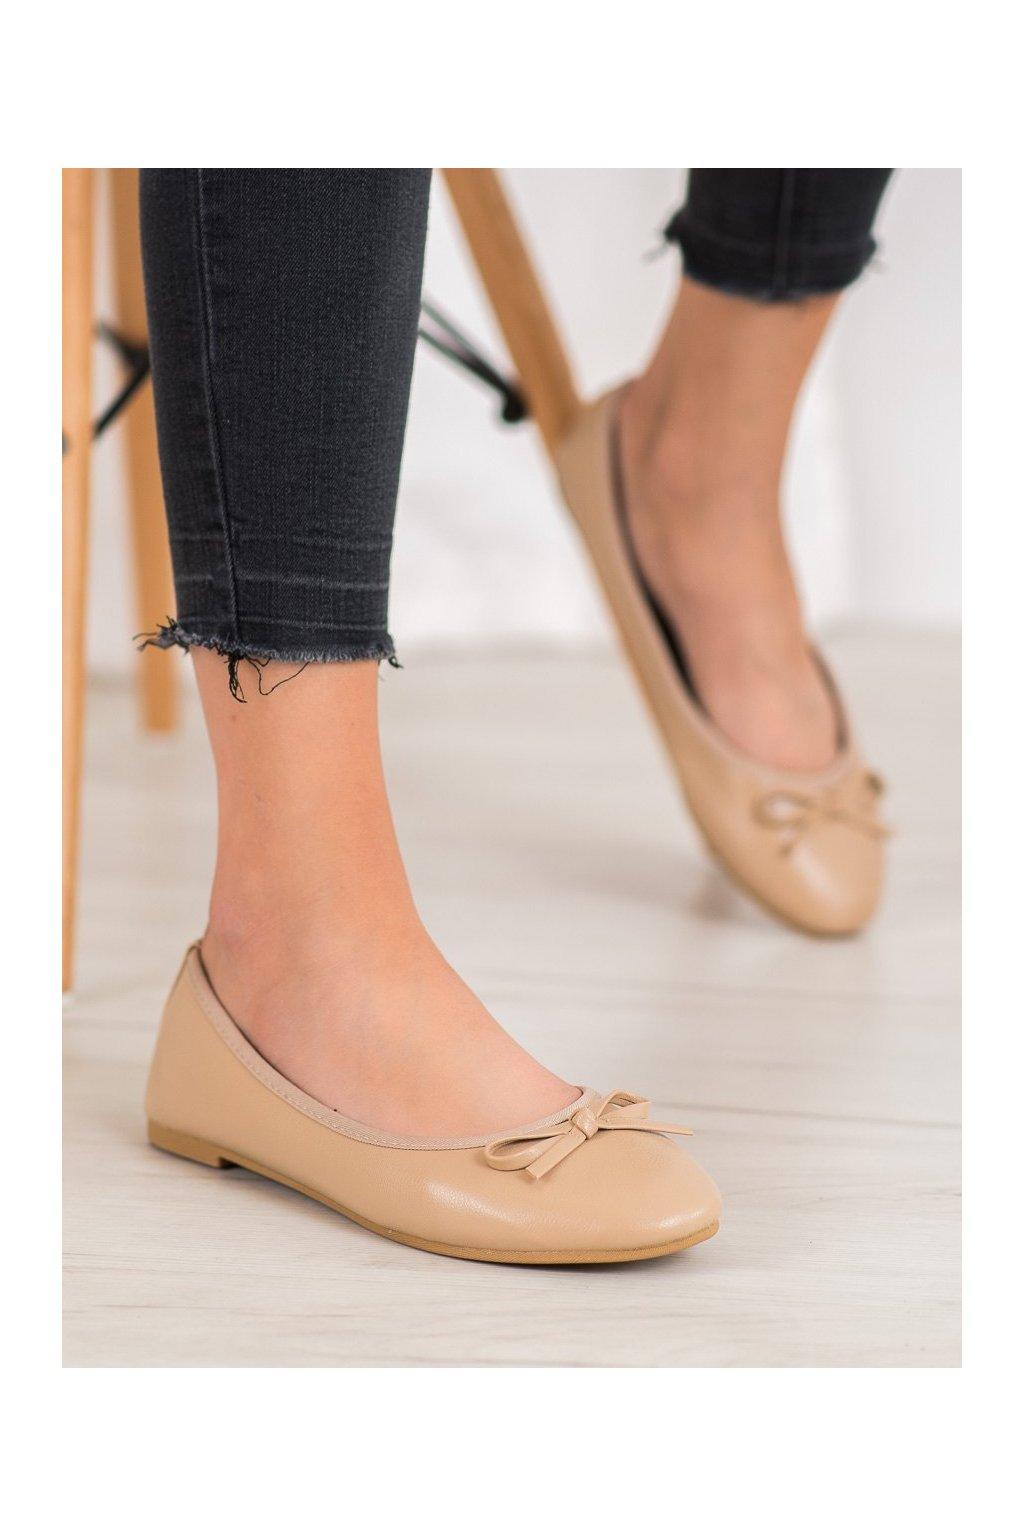 Hnedé dámske balerínky Shelovet kod BLB19-0132BE